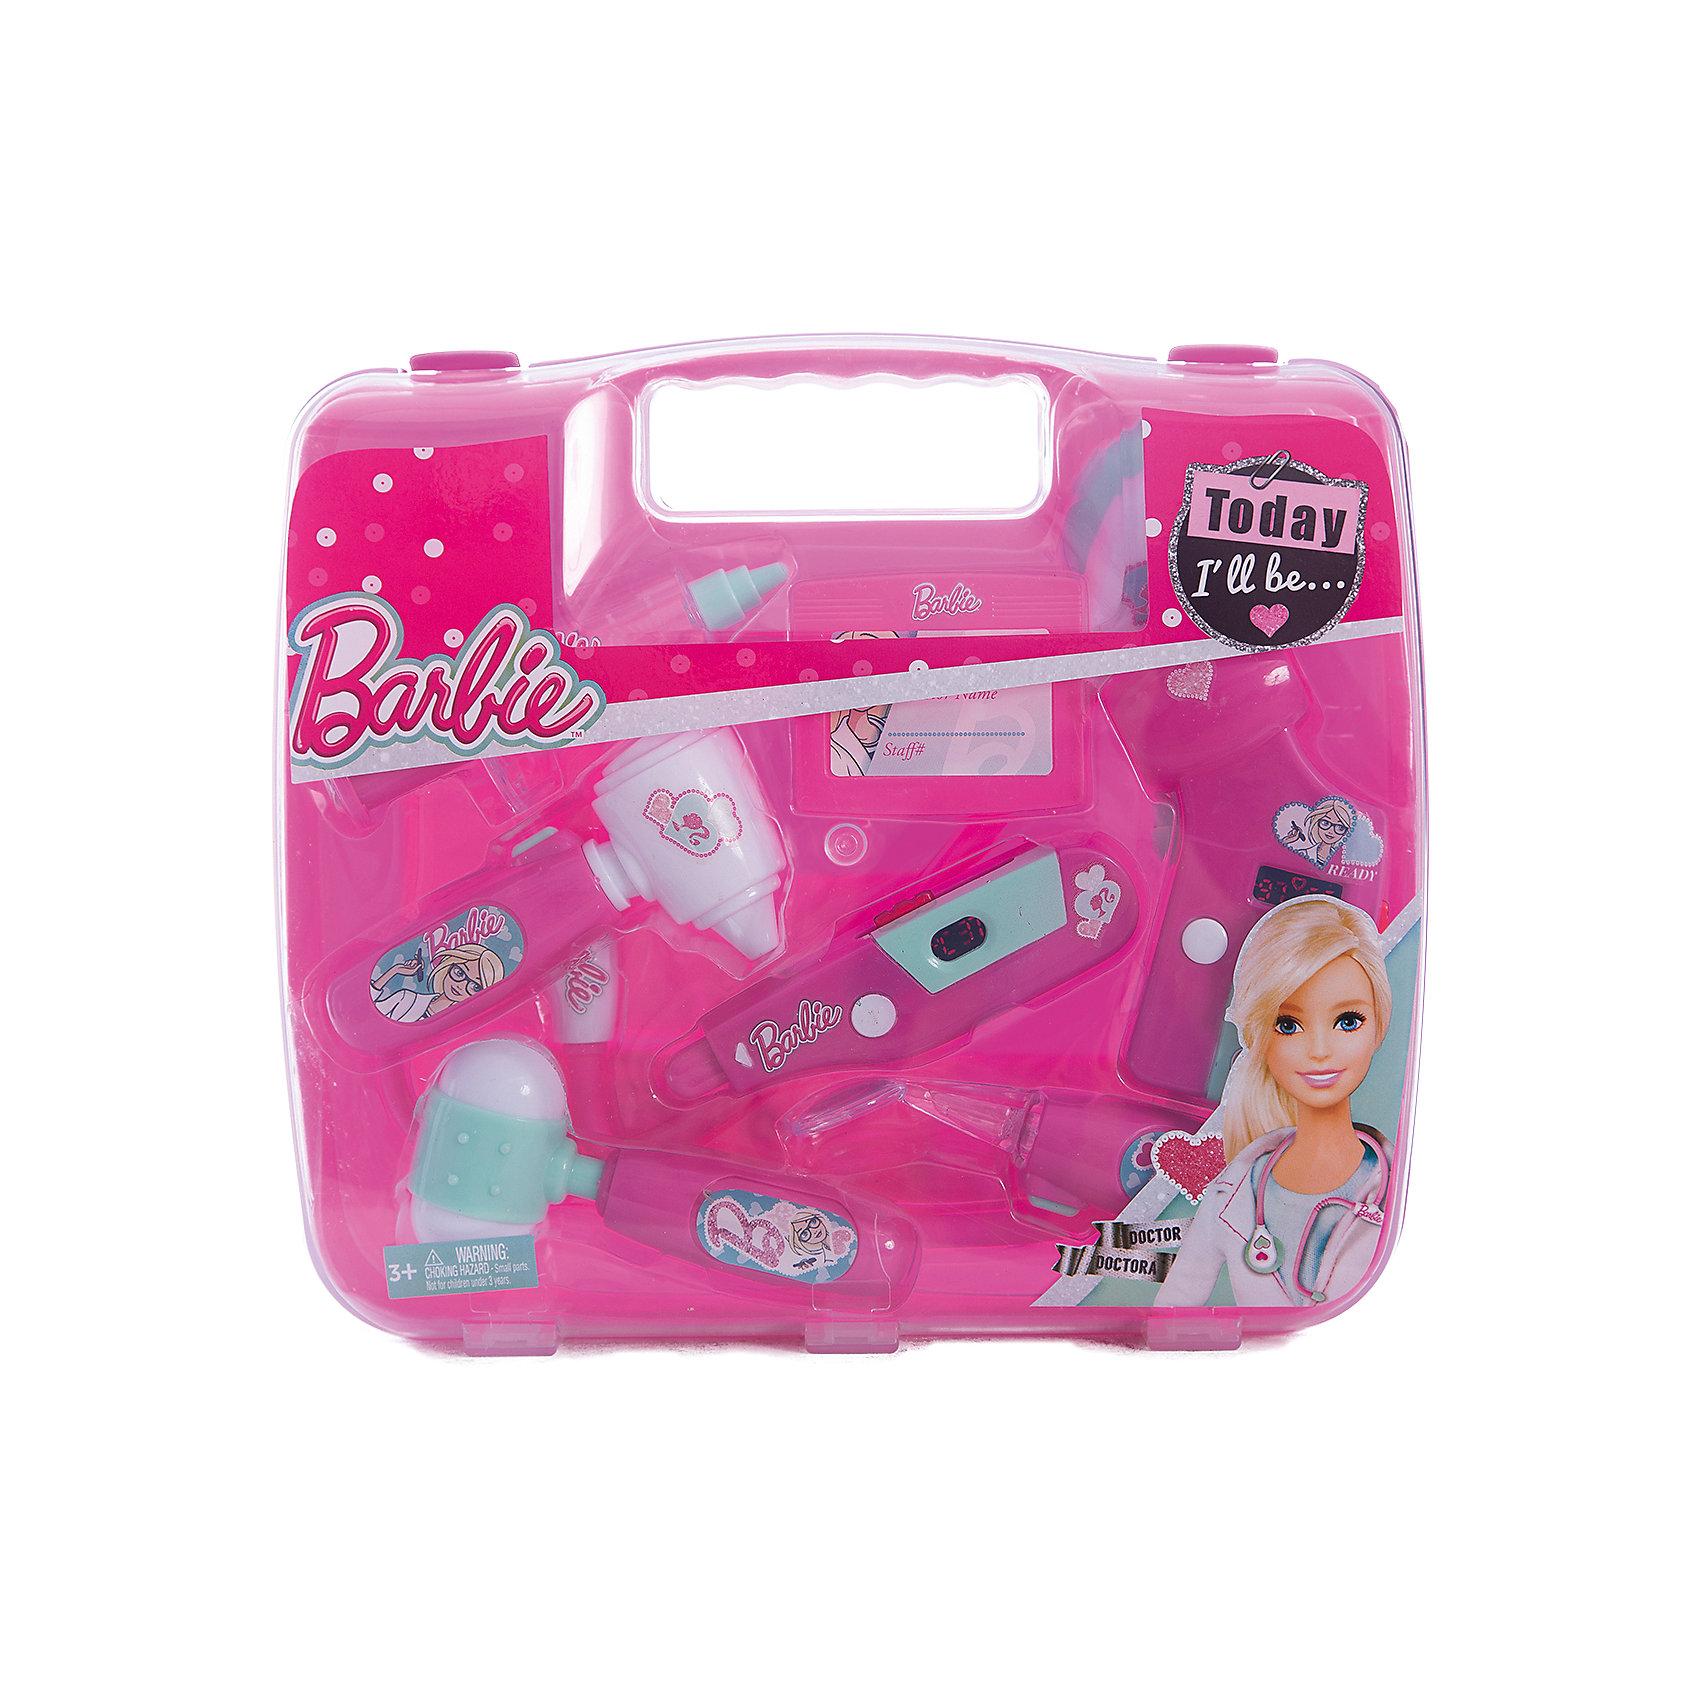 Игровой набор юного доктора в чемодане, BarbieСюжетно-ролевые игры<br>Игровой набор юного доктора в чемодане, Barbie (Барби). <br><br>Характеристика:<br><br>• Материал: пластик. <br>• Размер упаковки: 26х4х23,5 см.<br>• Комплектация: сфигмоманометр - электронный прибор для измерения артериального давления;<br>электронный градусник; стоматоскоп - инструмент с зеркальцем для обследования полости рта; <br>стетоскоп; отоскоп - прибор для обследования уха; <br>шприц; молоточек; бейдж. <br>• Звуковые и световые эффекты. <br>• Отличная детализация. <br>• Удобный пластиковый чемоданчик для хранения и переноски. <br>• Яркий привлекательный дизайн. <br>• Элемент питания: для сфигмоманометра - 2 батарейки типа AG10 (входят в комплект); для электронного градусника - 2 батарейки типа AG10 (входят в комплект);<br>для стоматоскопа - 2 батарейки типа AG10 (входят в комплект); для стетоскопа - требуются 2 батарейки типа AG13 (входят в комплект); для отоскопа - 2 батарейки типа AG10 (входят в комплект).<br><br>С этим ярким набором ребенок сможет почувствовать себя настоящим доктором. Все аксессуары упакованы в удобный пластиковый чемоданчик с прозрачной крышкой, отлично детализированы и хорошо проработаны, очень похожи на настоящие медицинские инструменты. Игрушки выполнены из экологичного пластика, в производстве которого использованы только безопасные нетоксичные красители.<br><br>Игровой набор юного доктора в чемодане, Barbie (Барби), можно купить в нашем интернет-магазине.<br><br>Ширина мм: 270<br>Глубина мм: 240<br>Высота мм: 600<br>Вес г: 541<br>Возраст от месяцев: 36<br>Возраст до месяцев: 2147483647<br>Пол: Женский<br>Возраст: Детский<br>SKU: 5238936